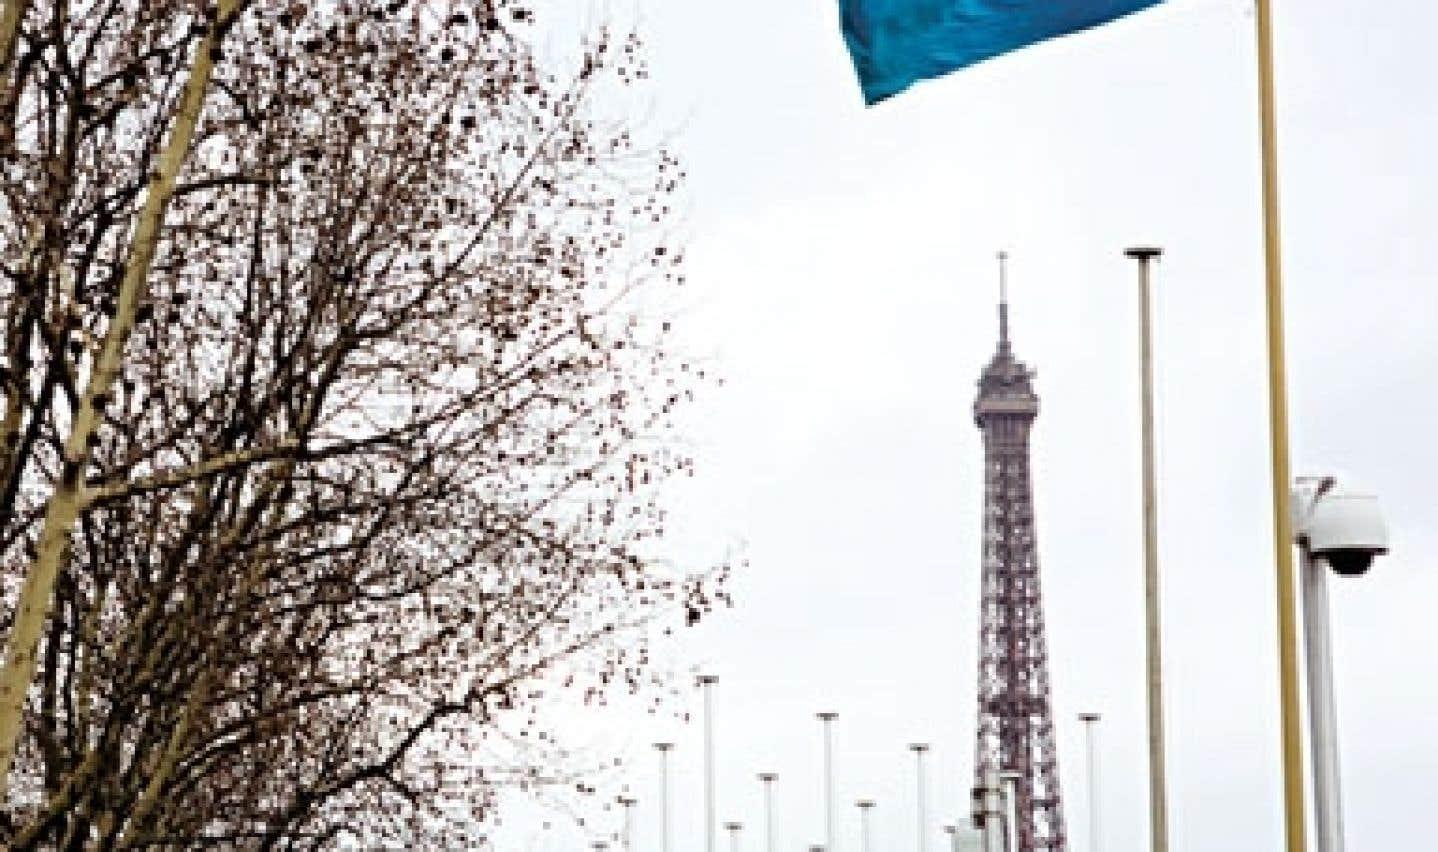 Le CISS a été fondé en 1952 par l'UNESCO. Le secrétariat du conseil, situé à Paris, compte maintenant une dizaine d'employés.